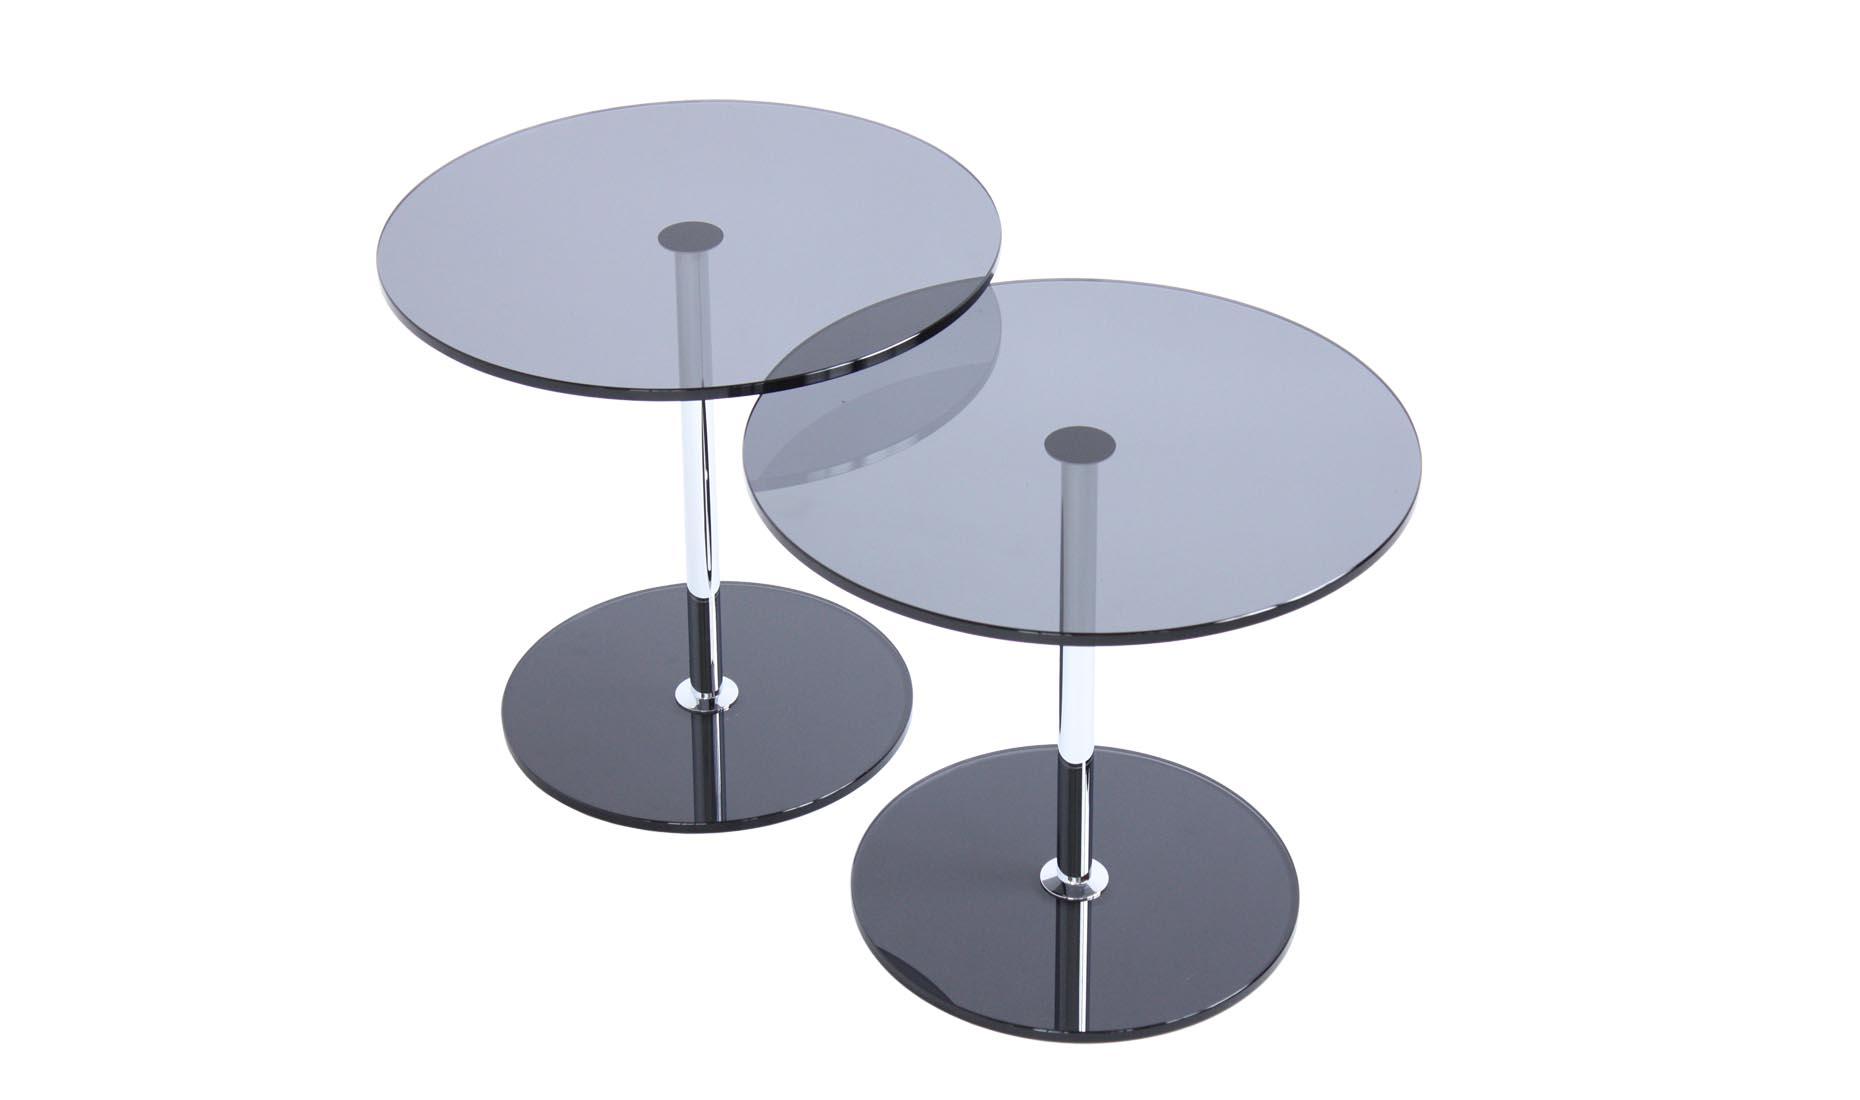 beistelltische nach ma centro boden rund. Black Bedroom Furniture Sets. Home Design Ideas